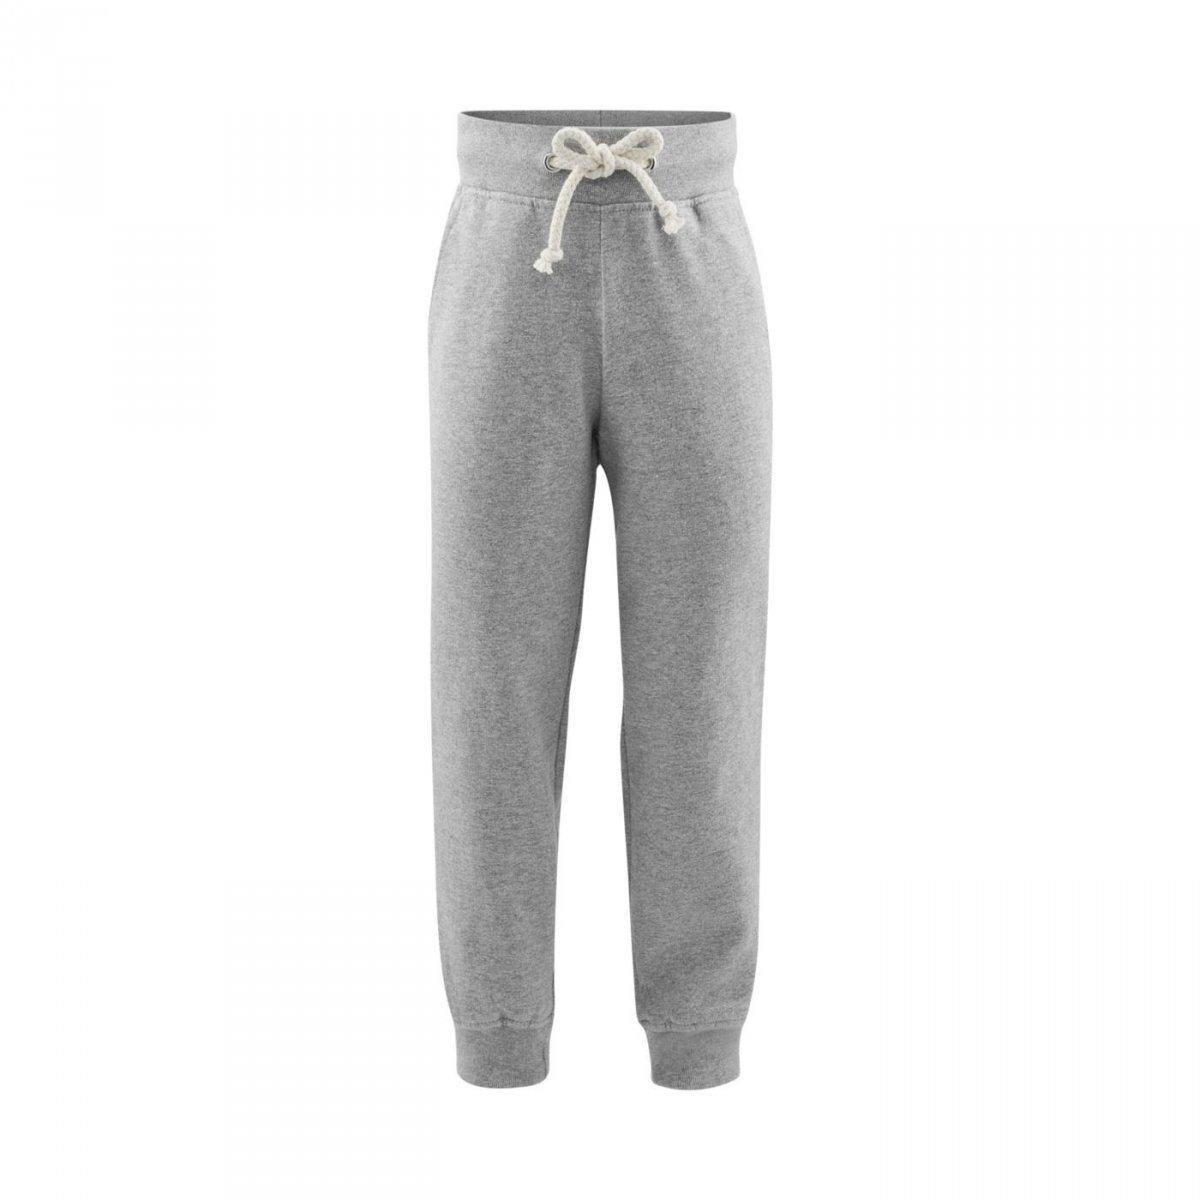 Pantaloni felpato Grigio in cotone biologico